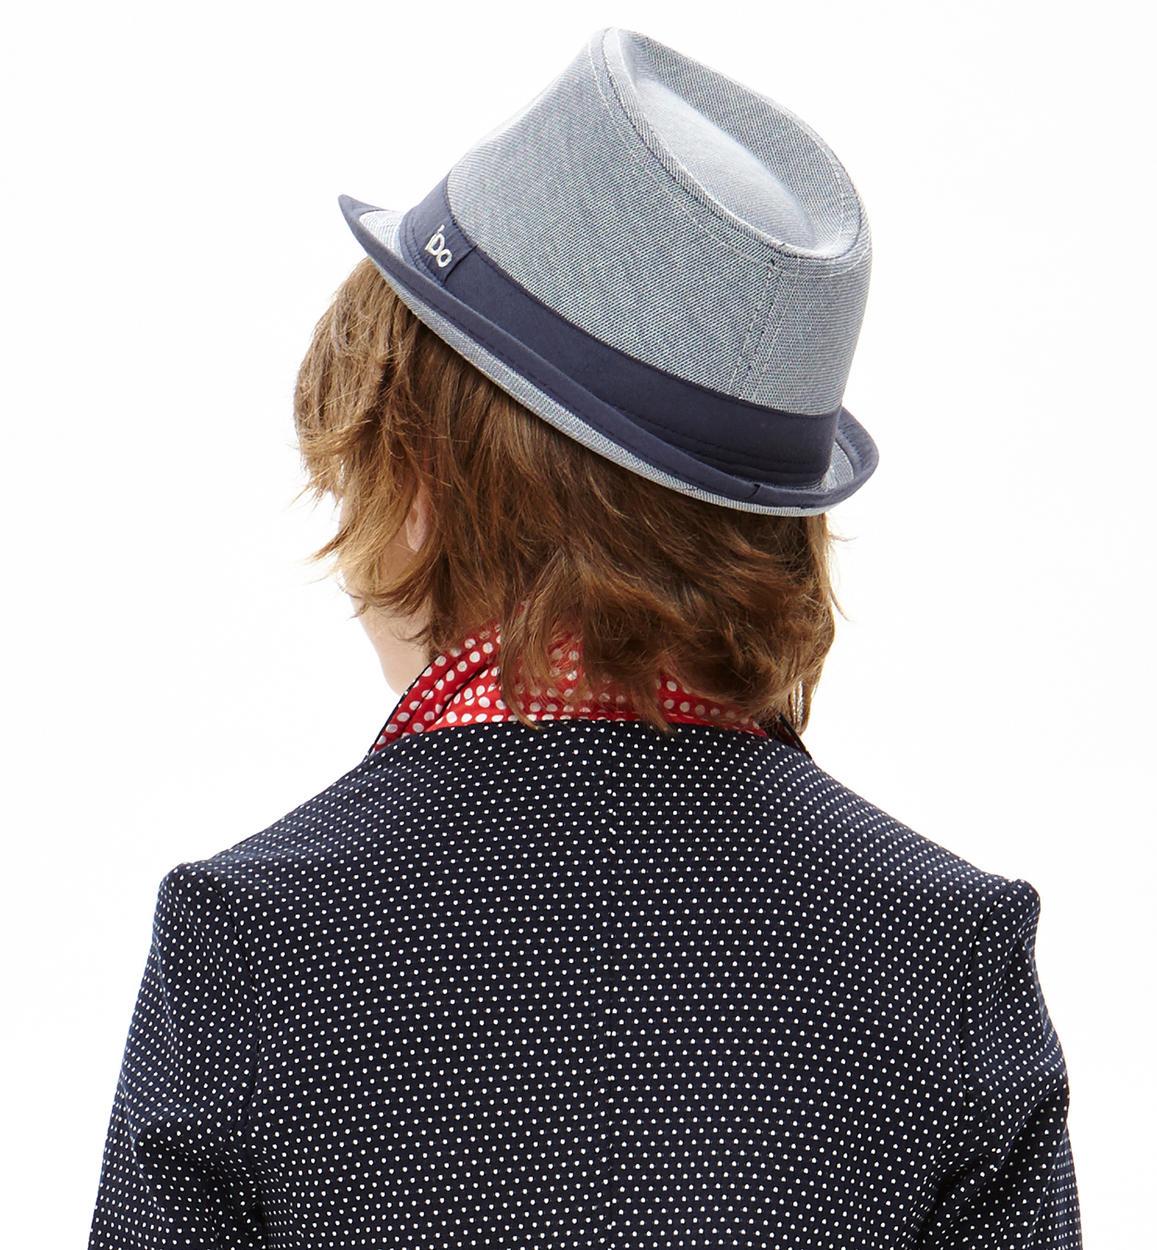 Cappello modello panama per bambino da 3 a 16 anni iDO - Miniconf Shop 963a3a7426d8